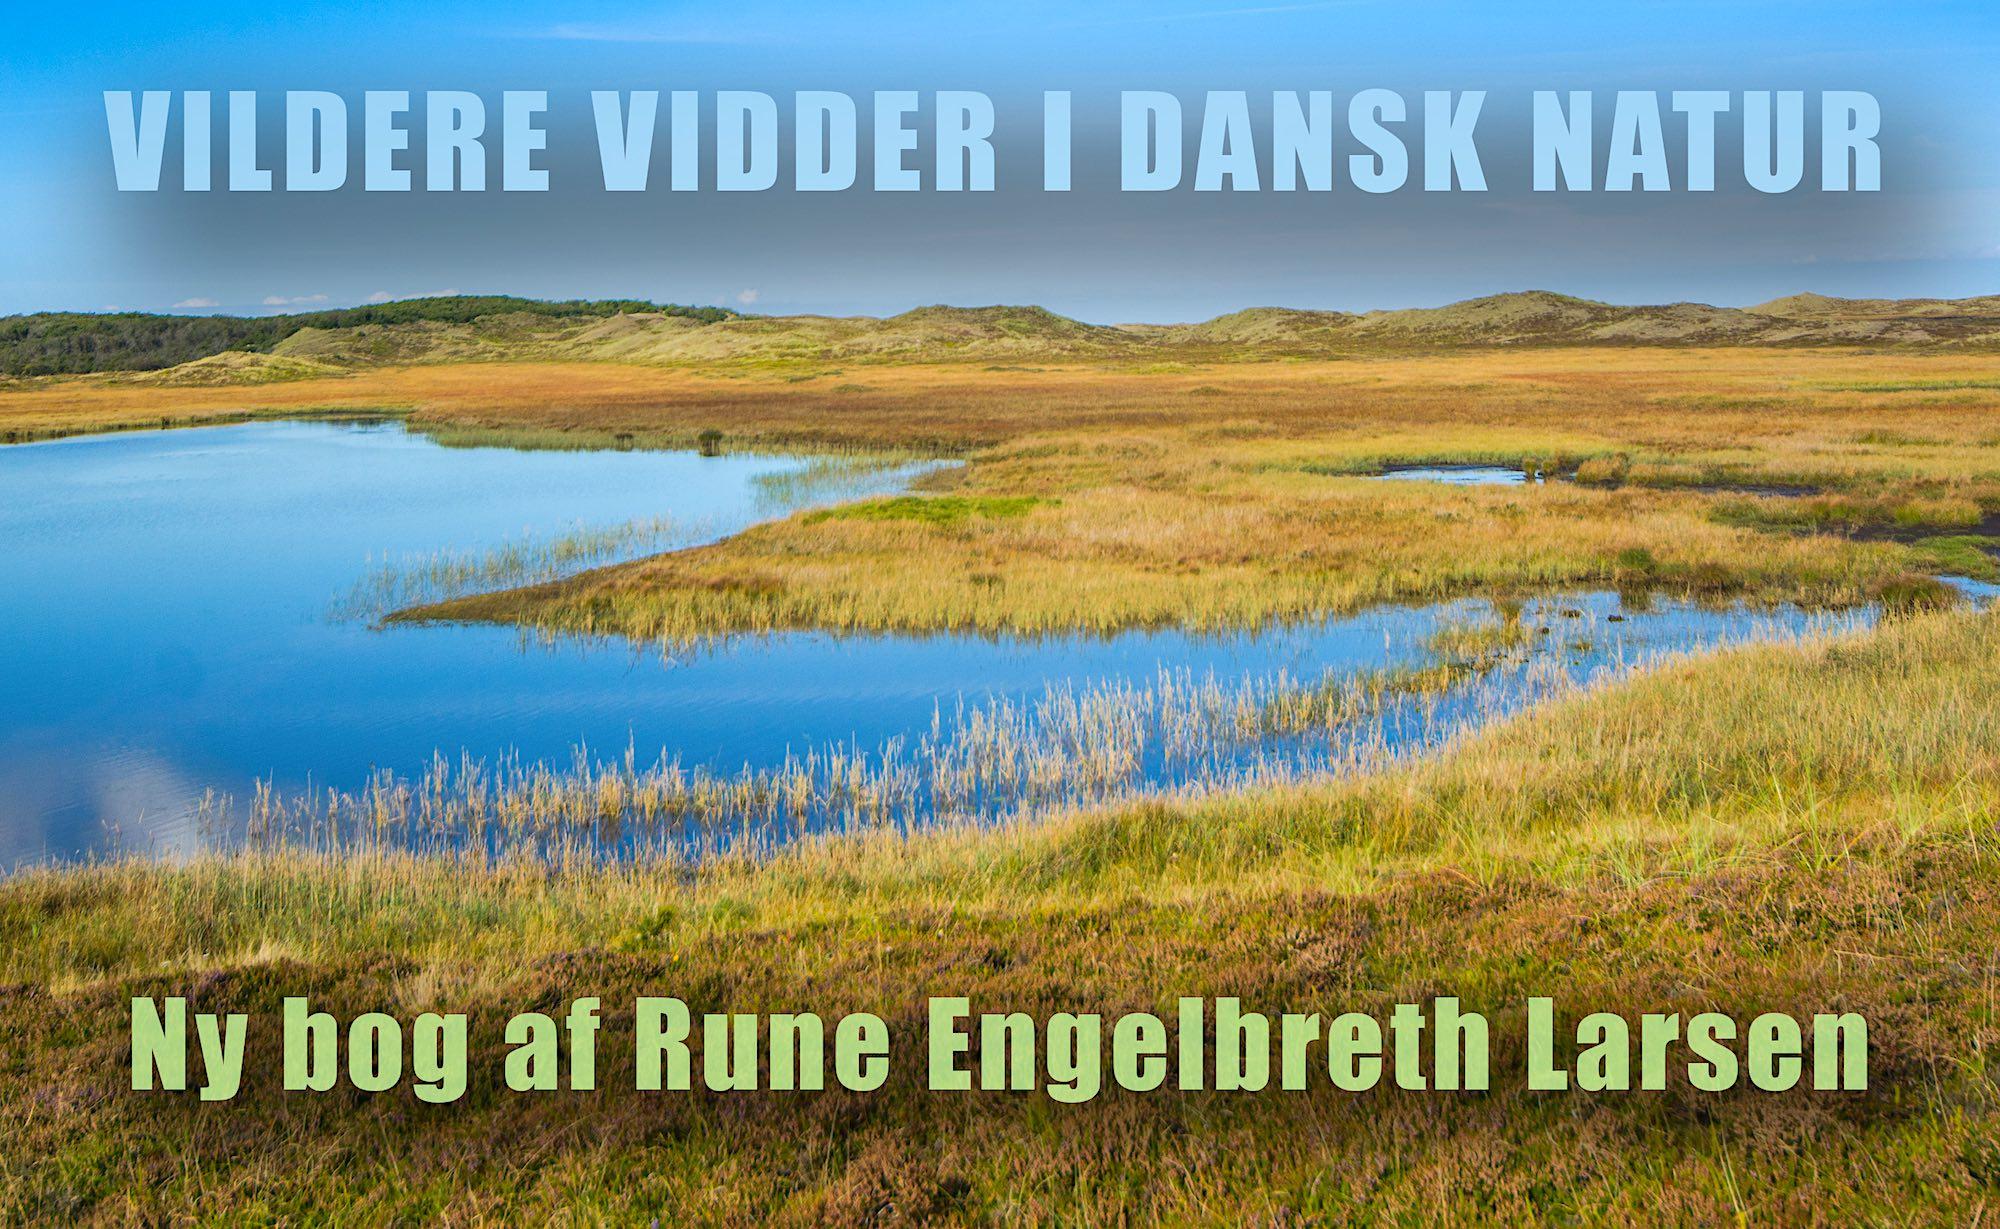 Ny bog af Rune Engelbreth Larsen: 'Vildere vidder i dansk natur'